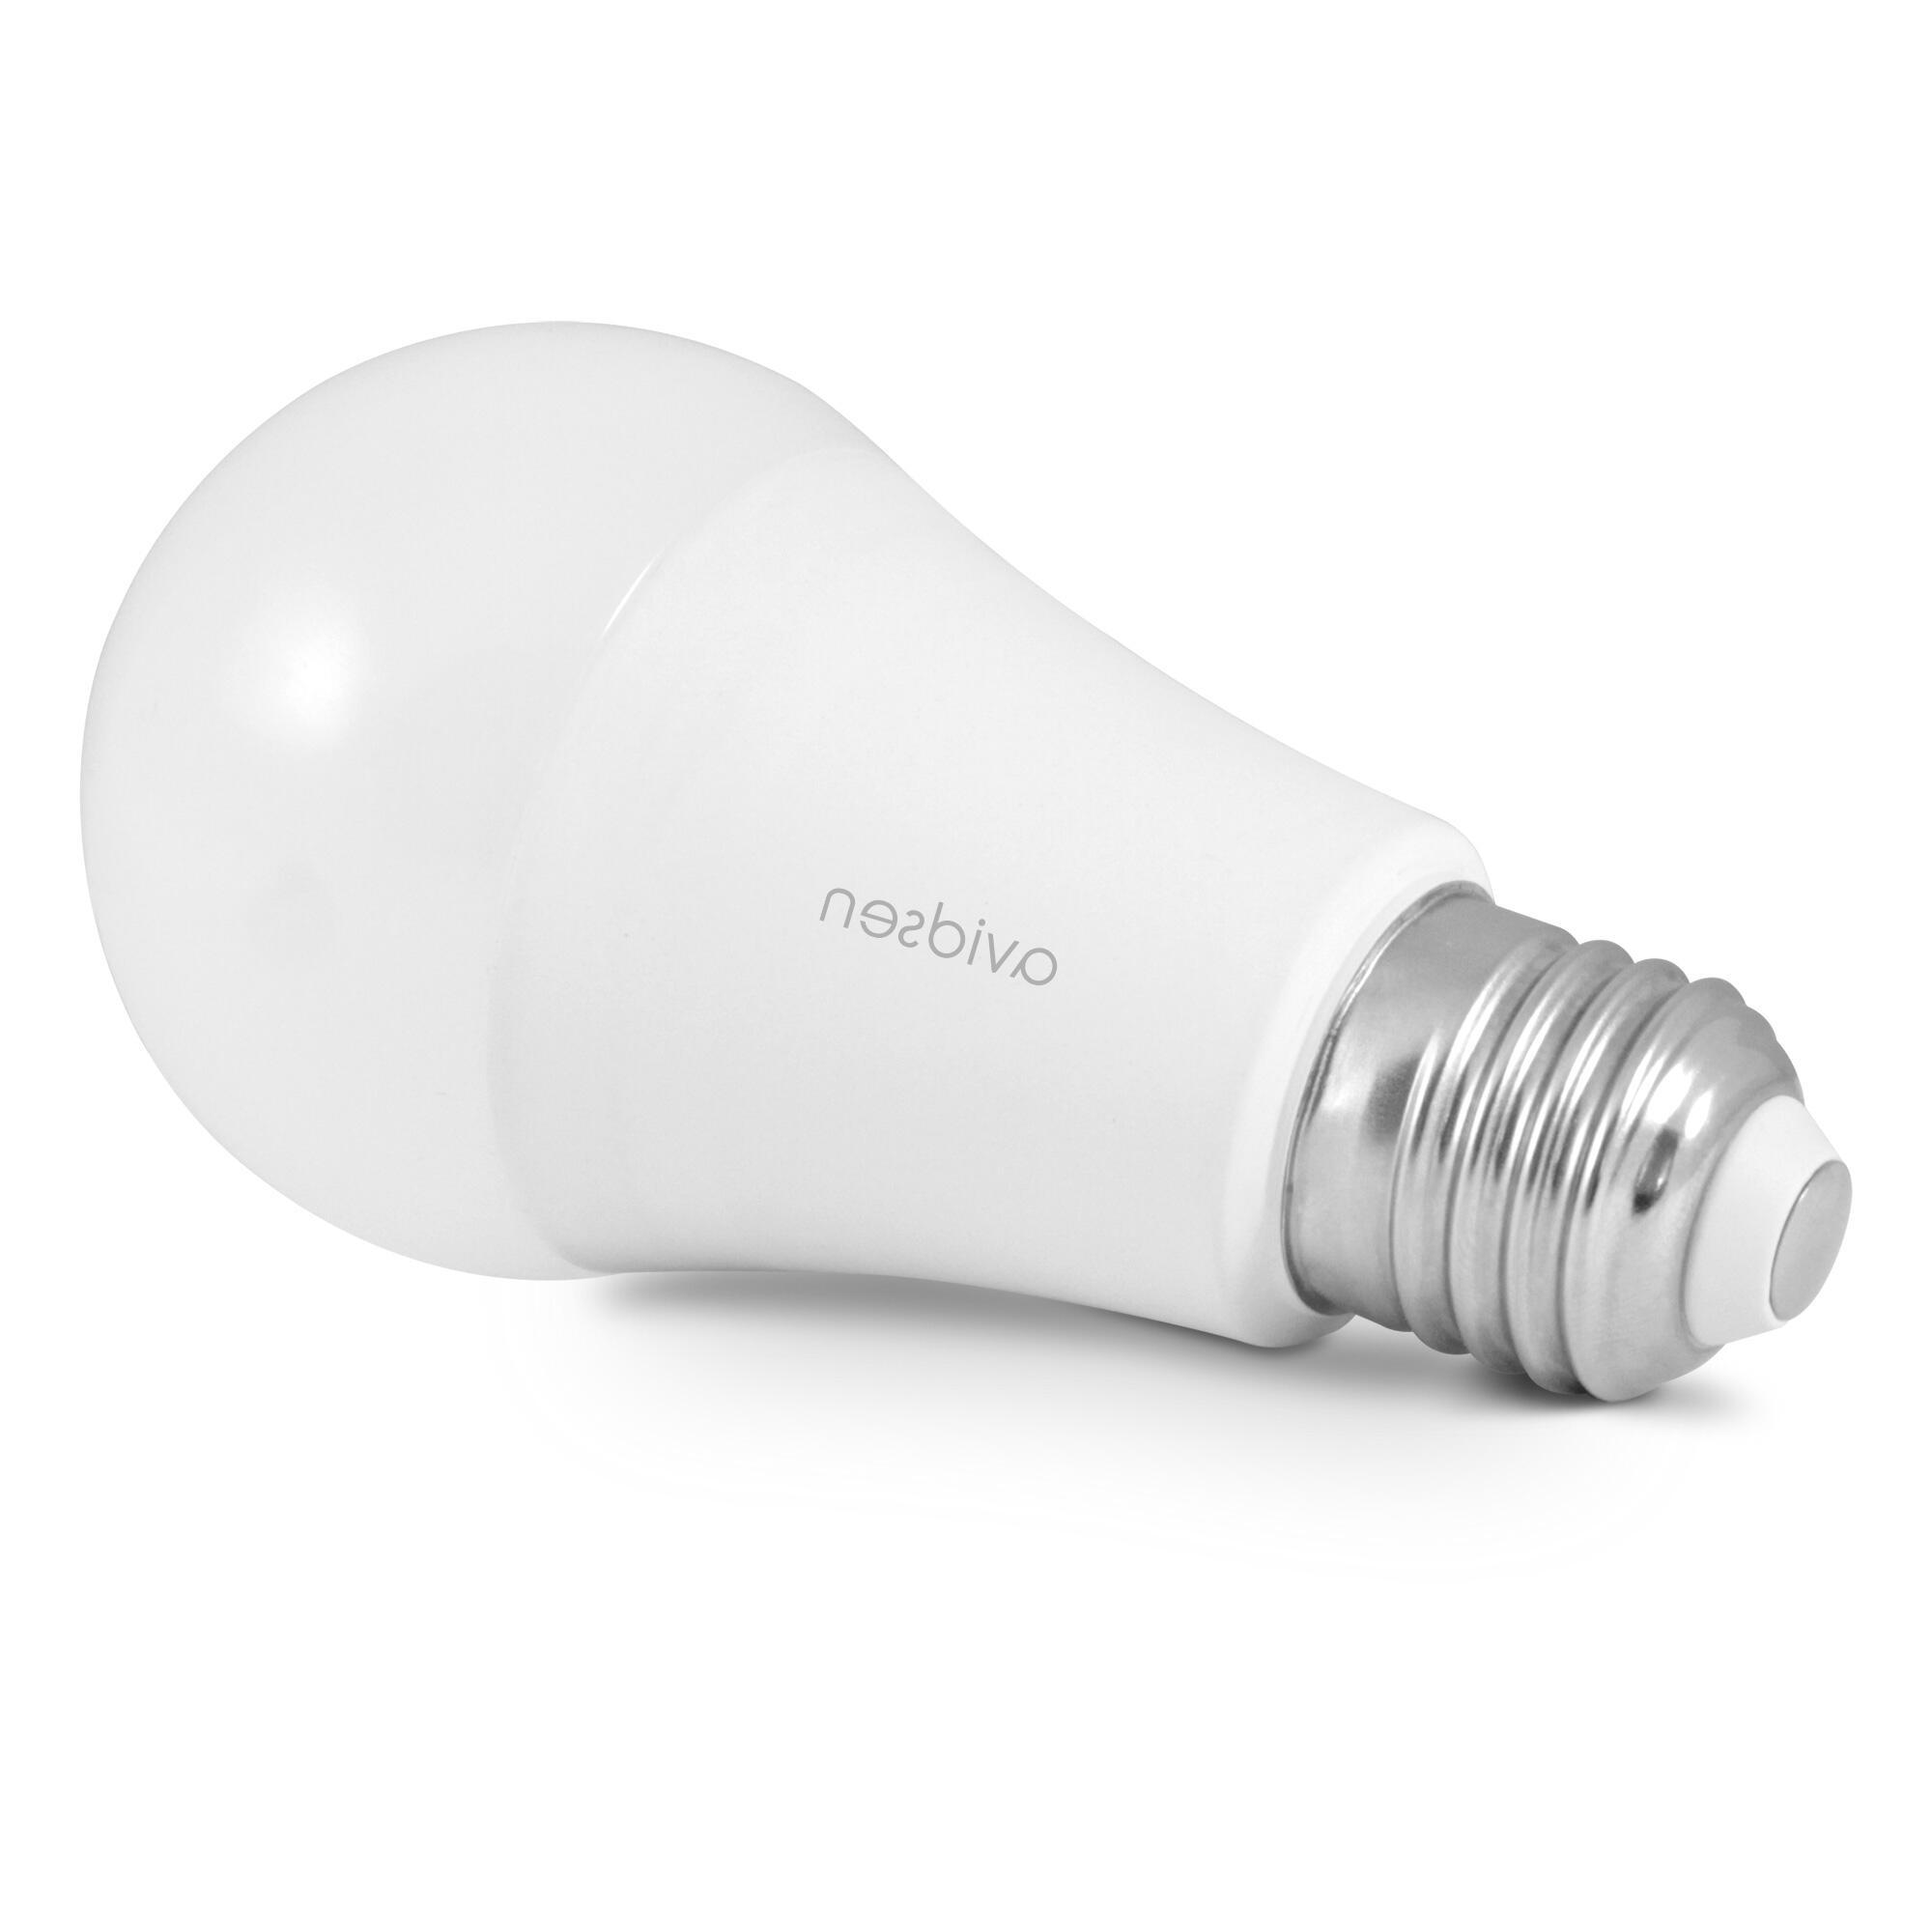 Quel ampoule connectée avec Alexa ?